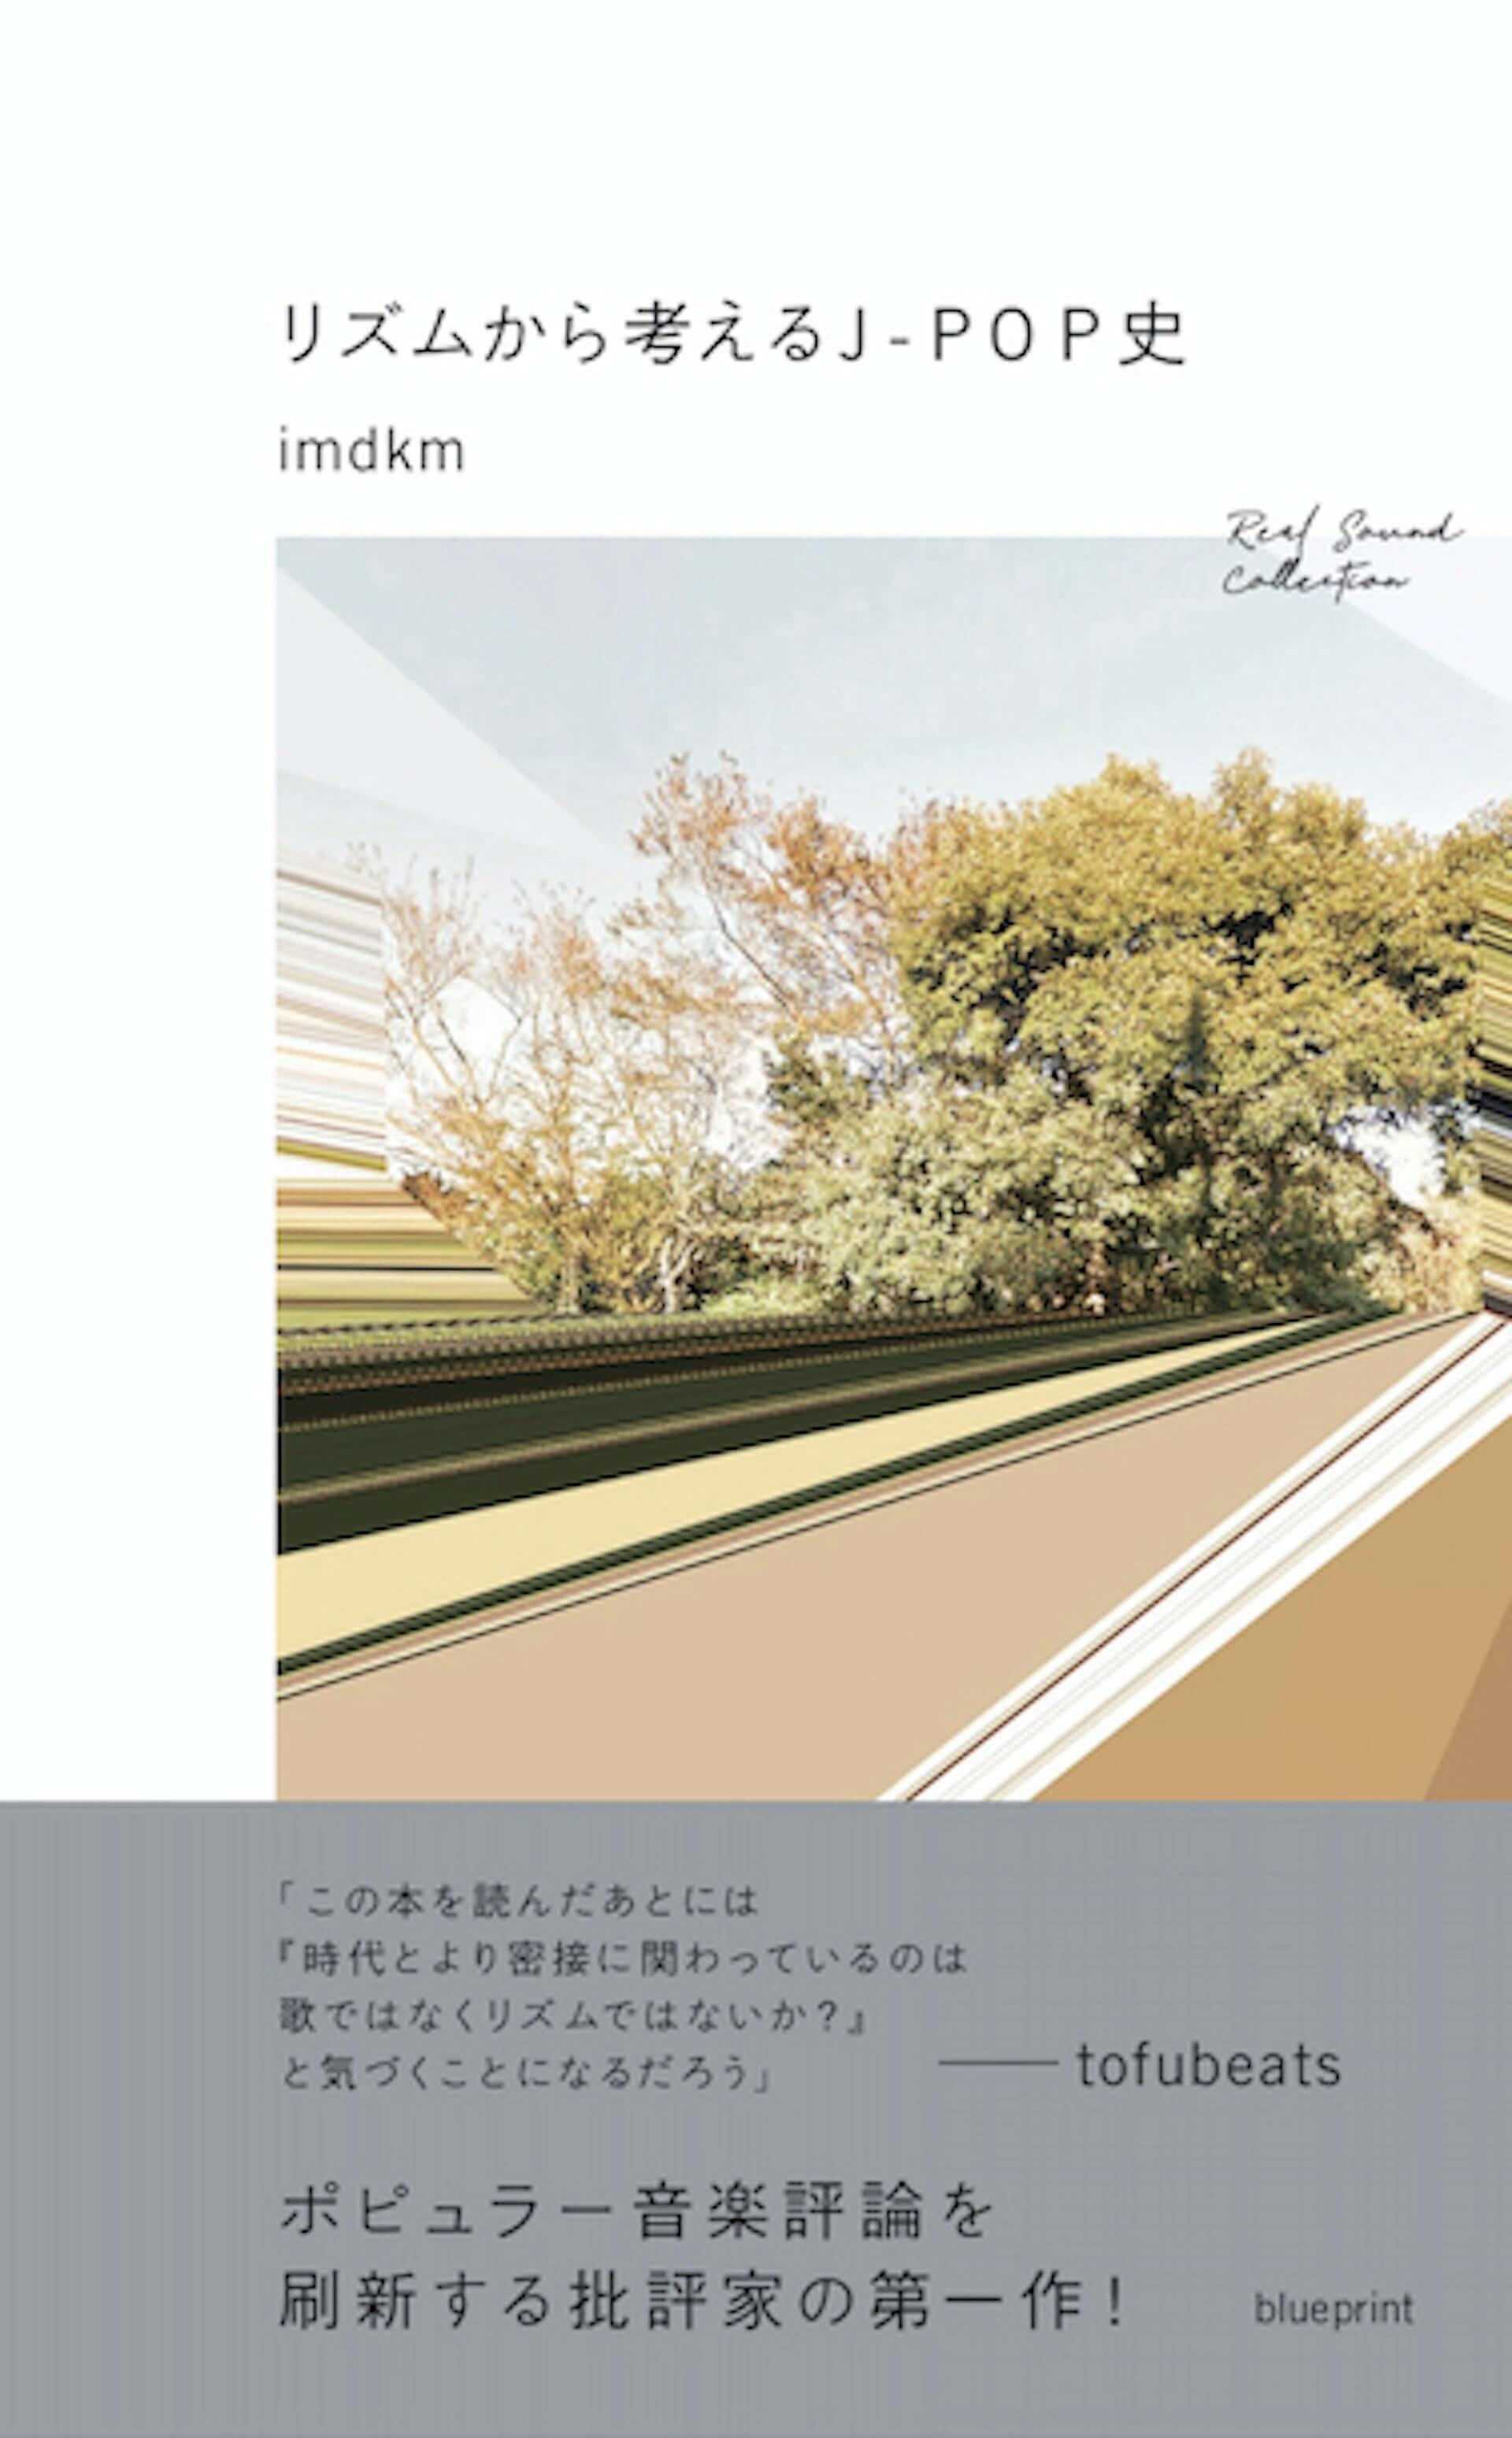 ライター・imdkmによる初の書籍『リズムから考えるJ-POP史』が発売|盟友tofubeatsが解説&帯文担当 art190906_imdkm_1-1920x3096